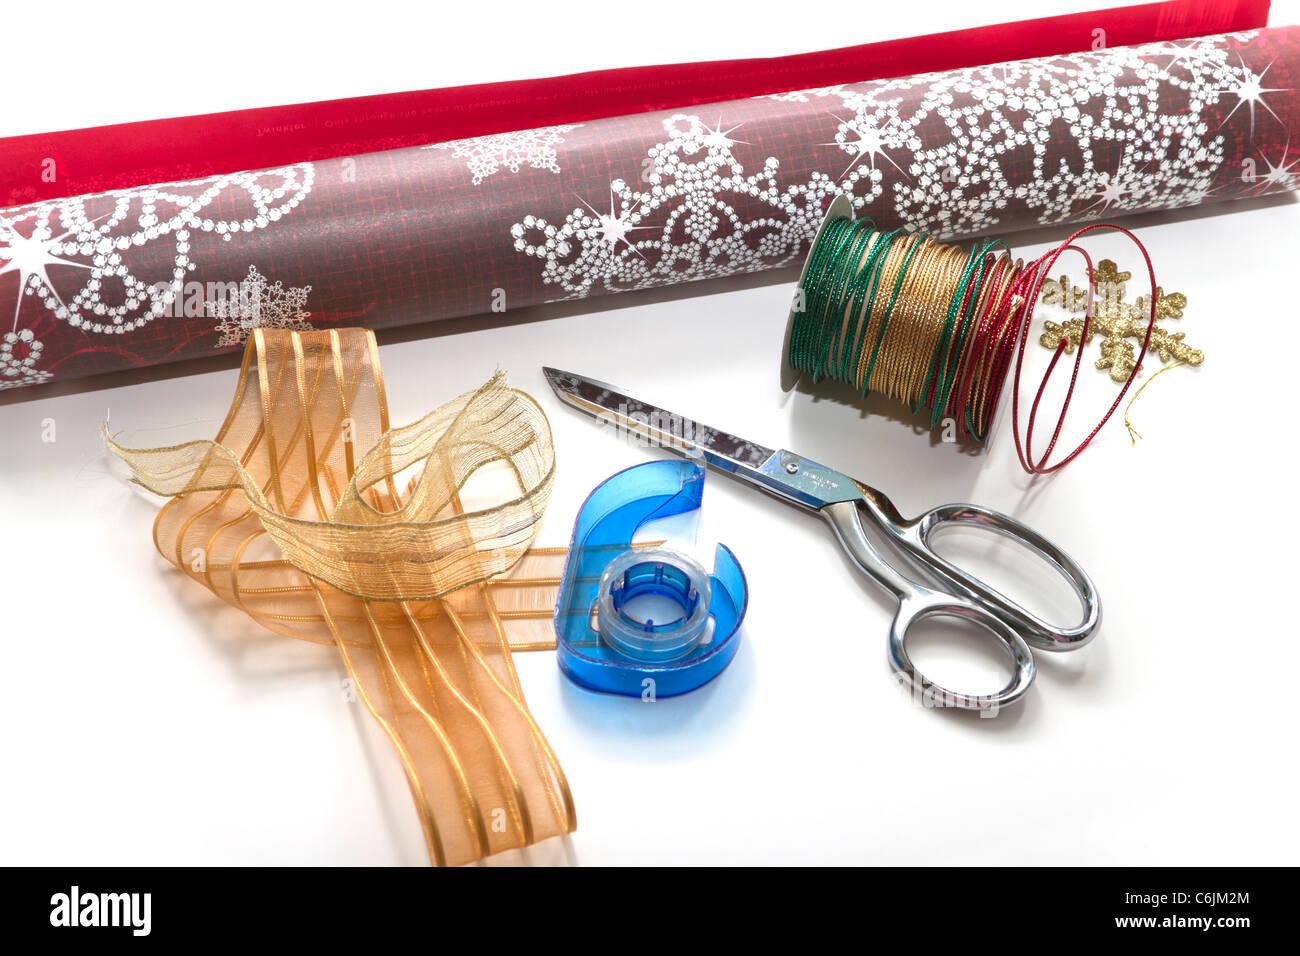 Papier d'emballage de Noël avec des ciseaux et du ruban adhésif sur un fond blanc Photo Stock